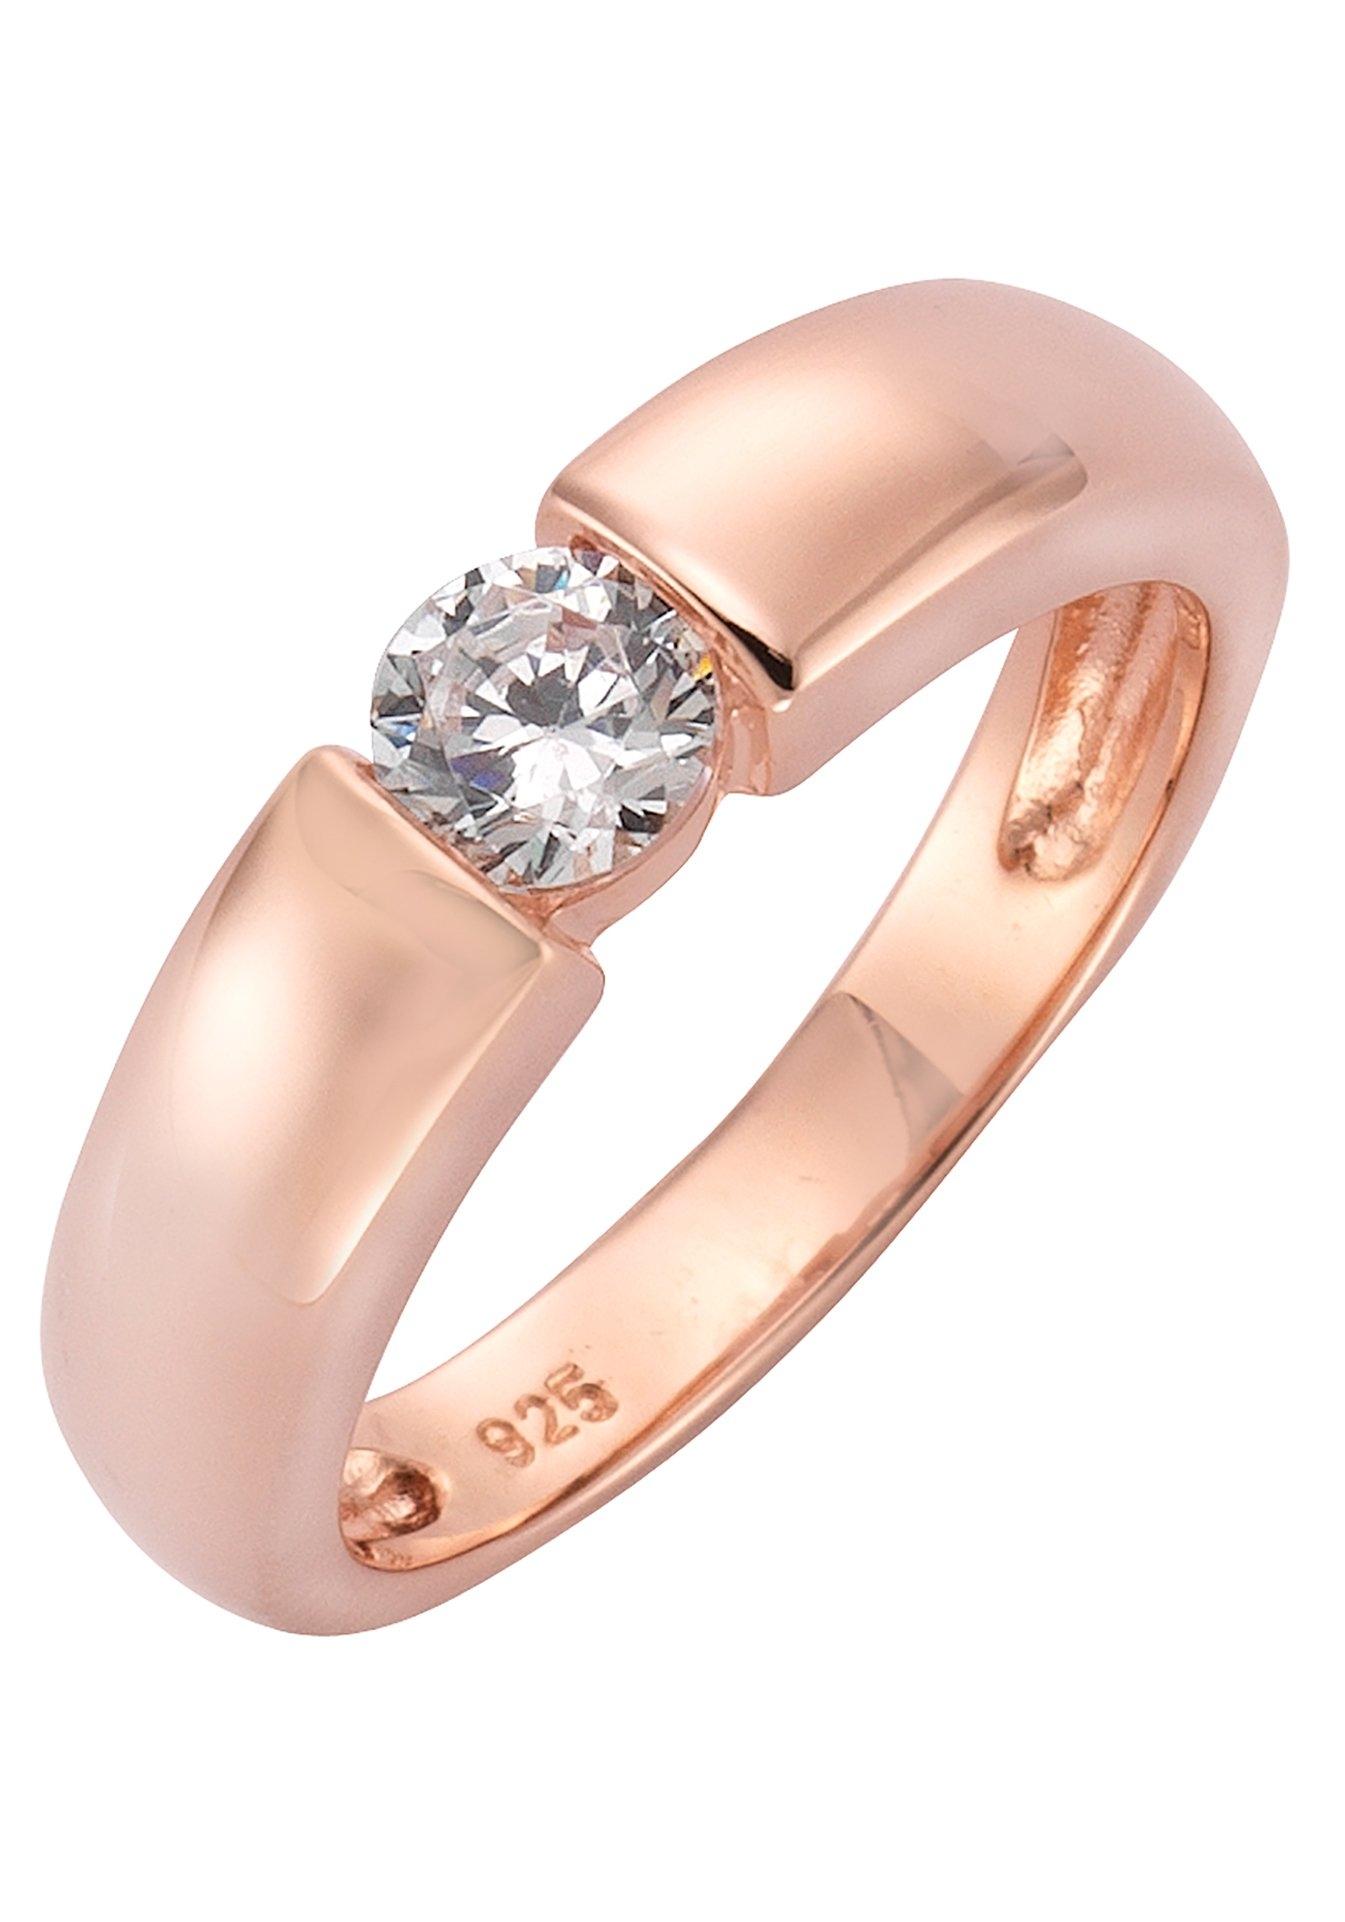 Firetti zilveren ring Open ring-look, glanzend rozeverguld, klassiek met zirkoon voordelig en veilig online kopen